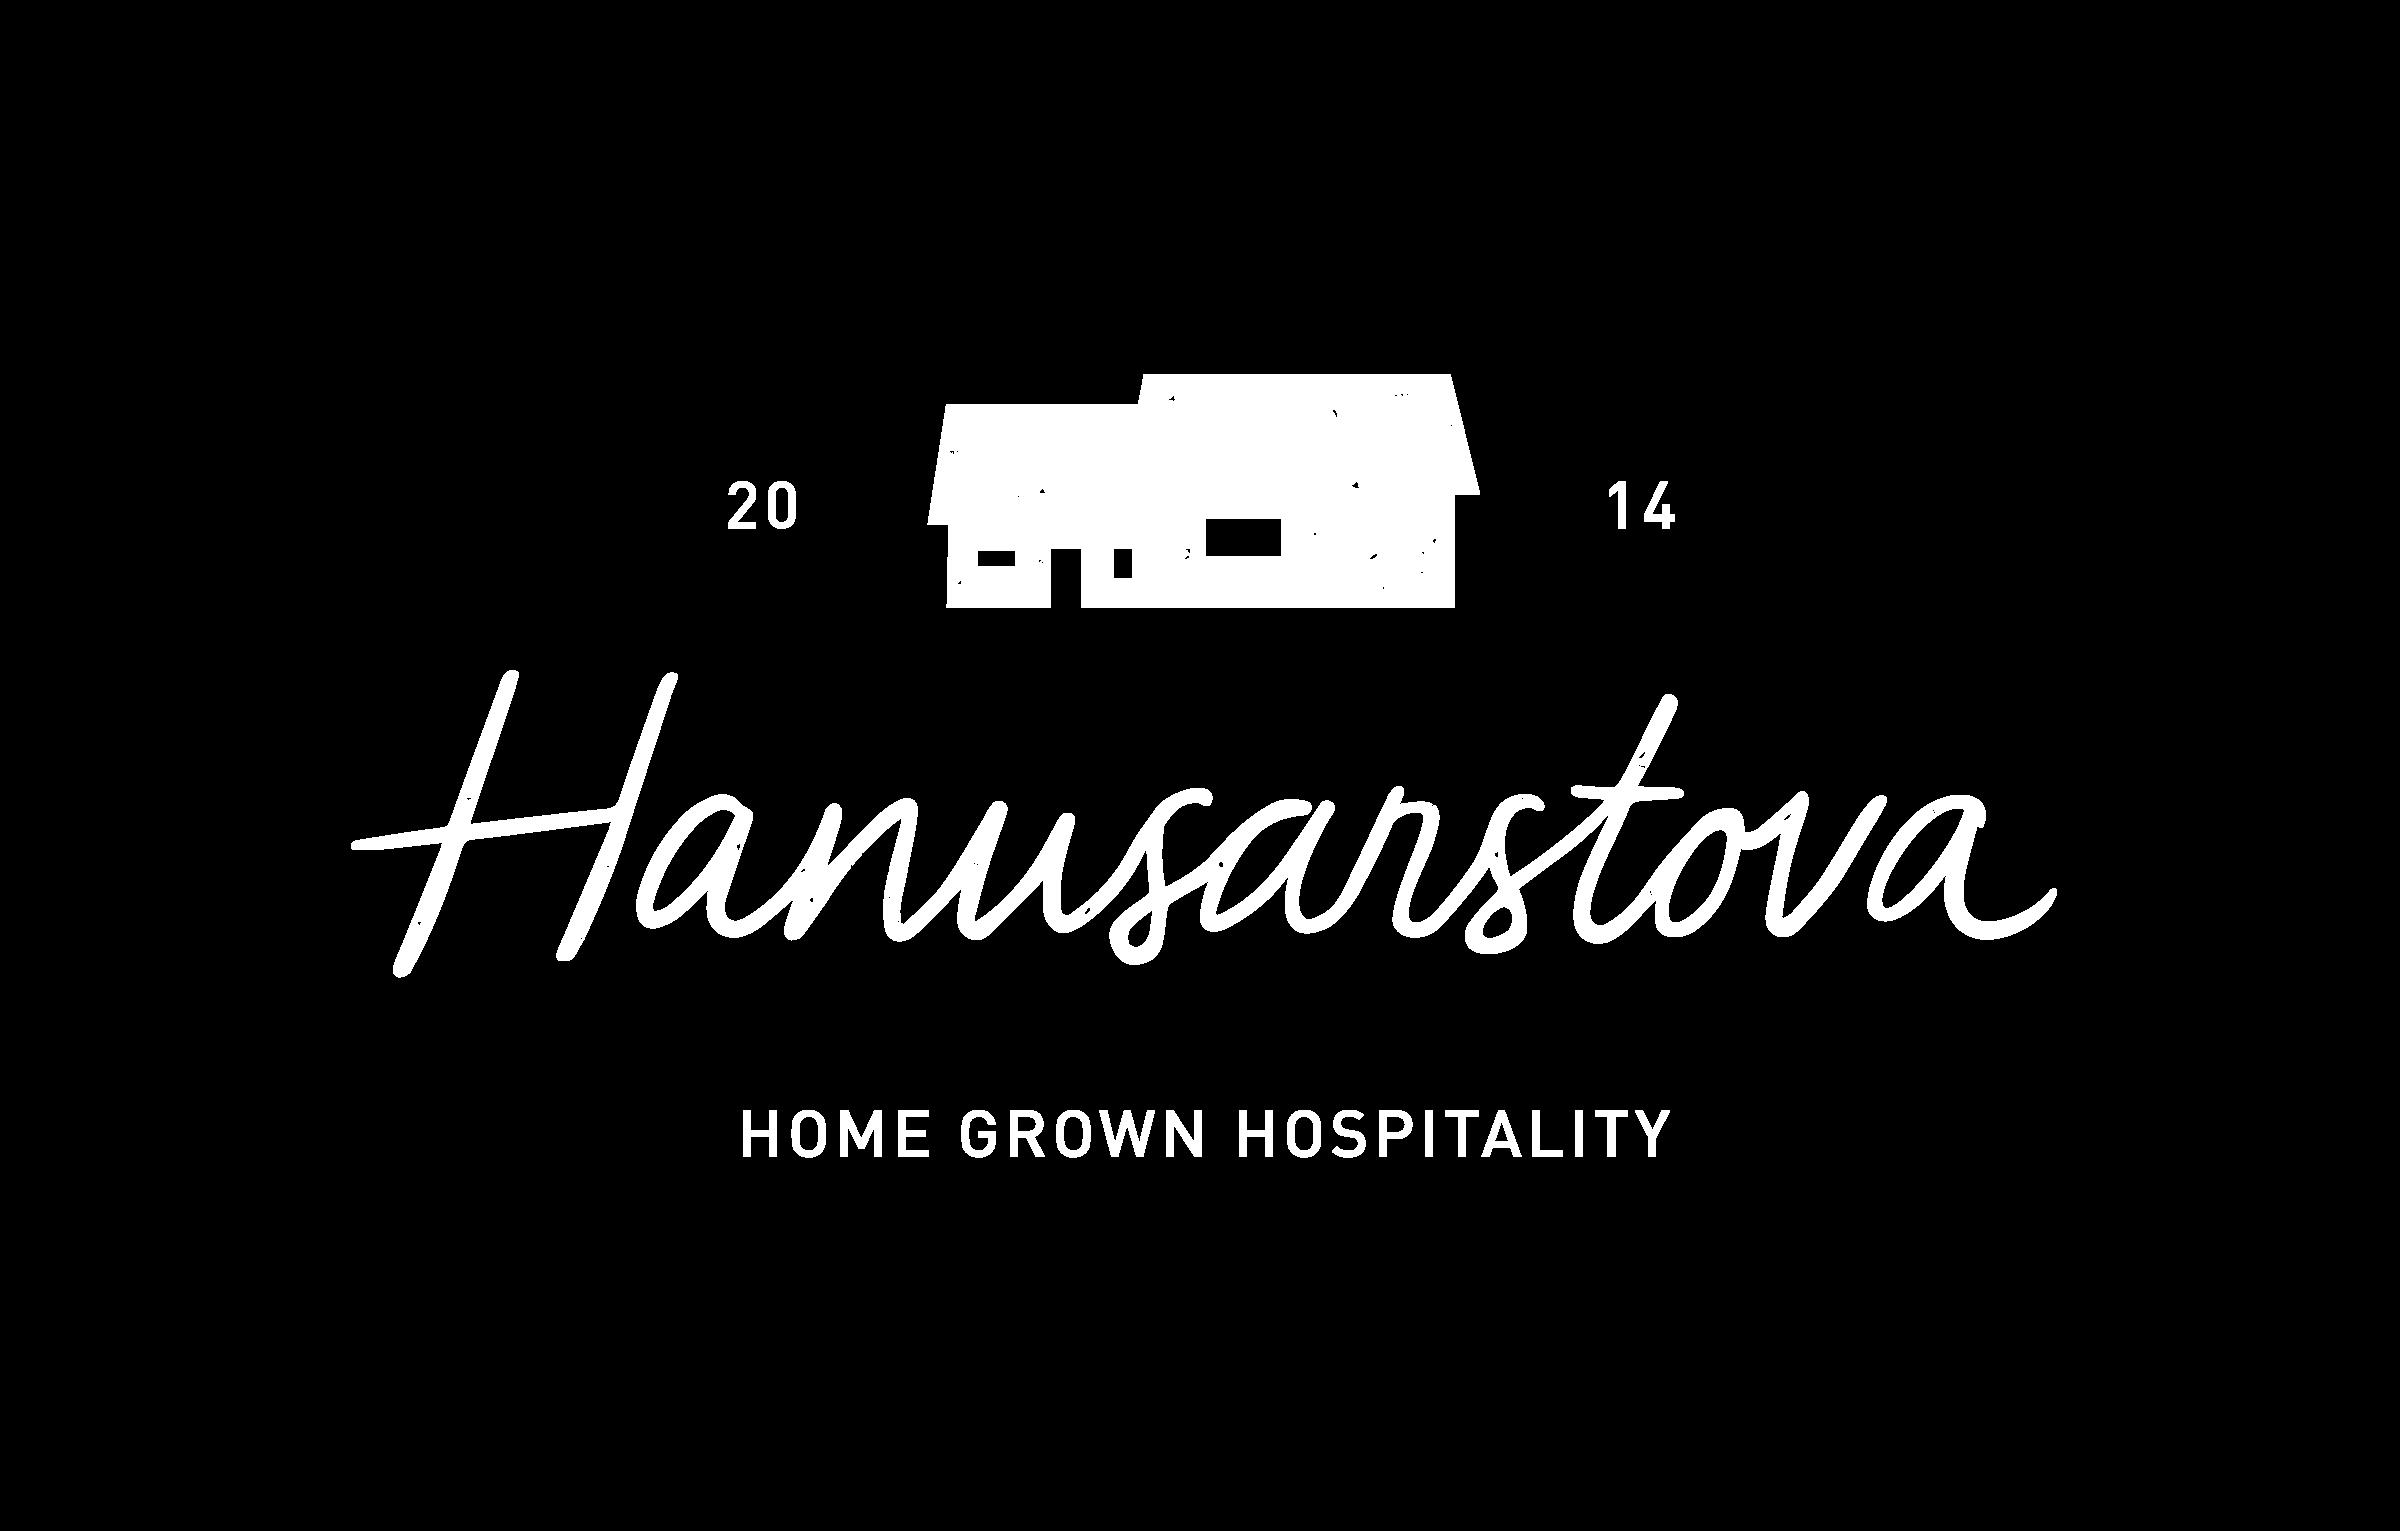 Hanusarstova logo